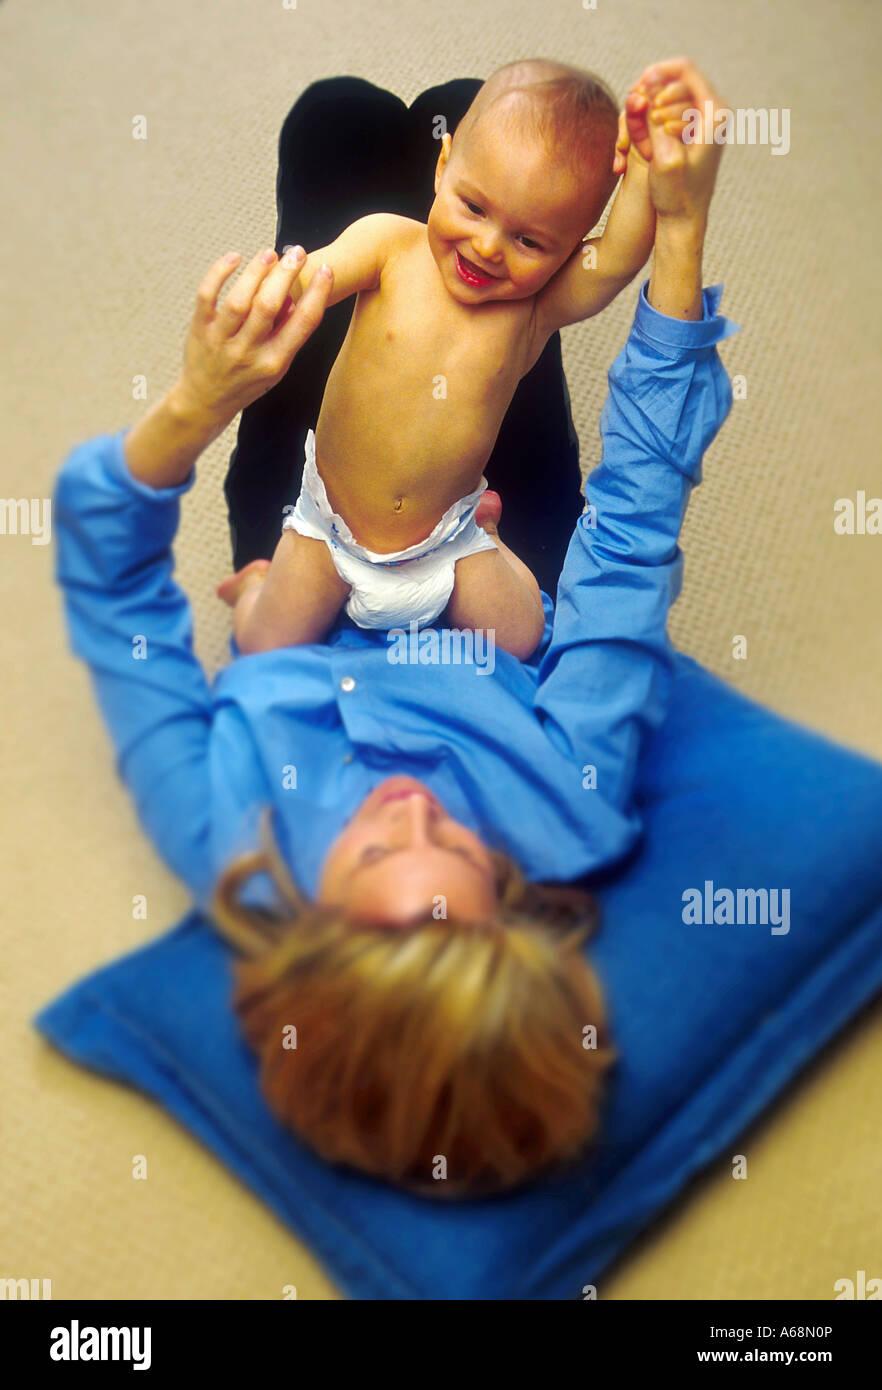 Un bébé souriant et mère à jouer Photo Stock